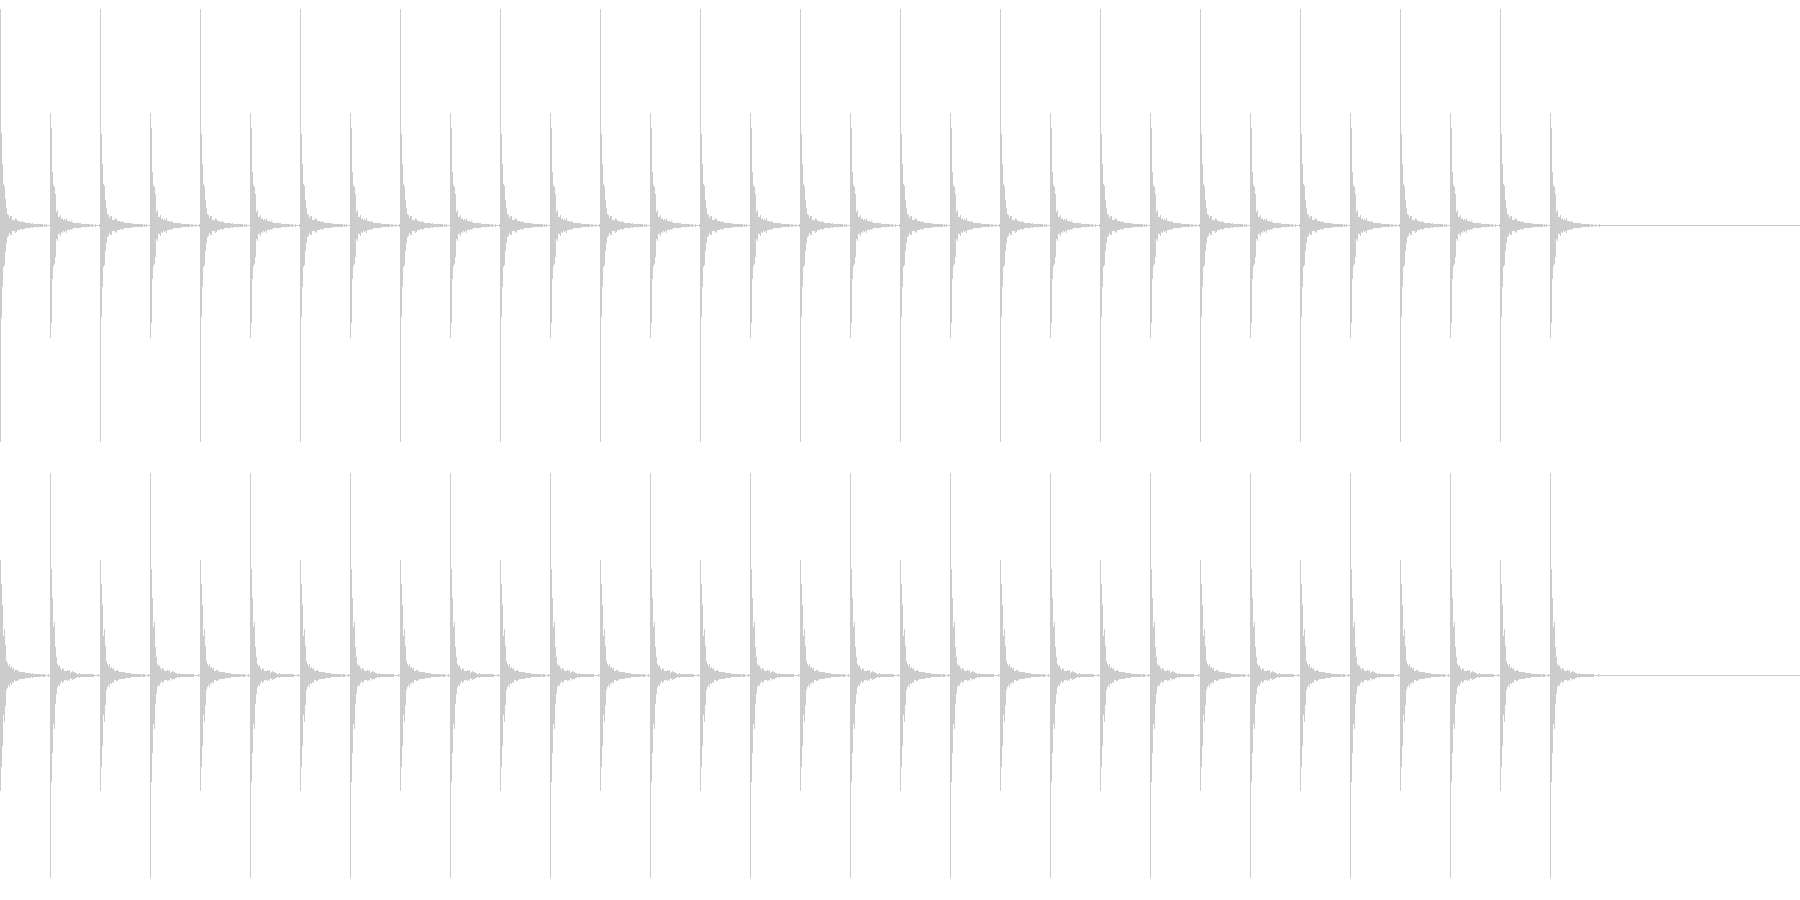 カンコン 振り子時計の未再生の波形